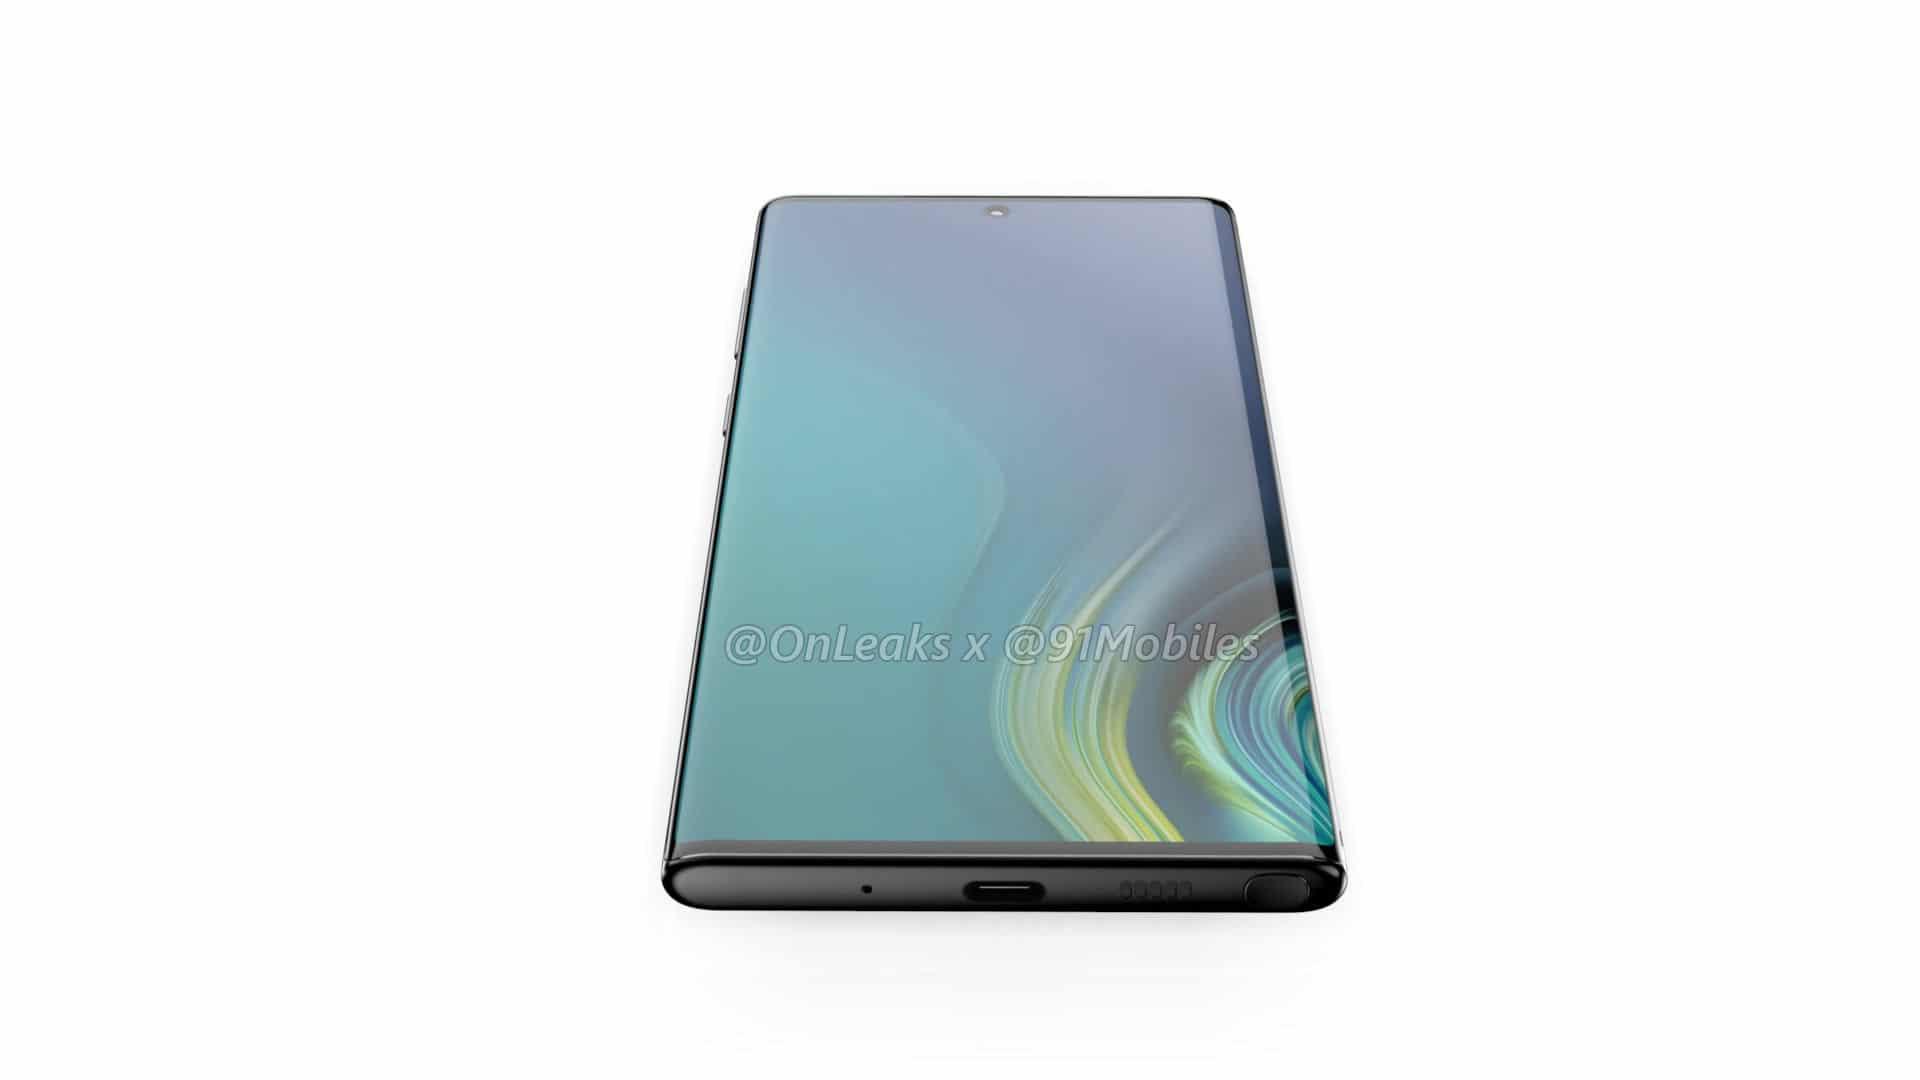 หลุดข้อมูล Samsung Galaxy Note 10 ย้ายกล้องหลังไว้ด้านข้าง แล้วย้ายกล้องหน้ามาตรงกลาง 4